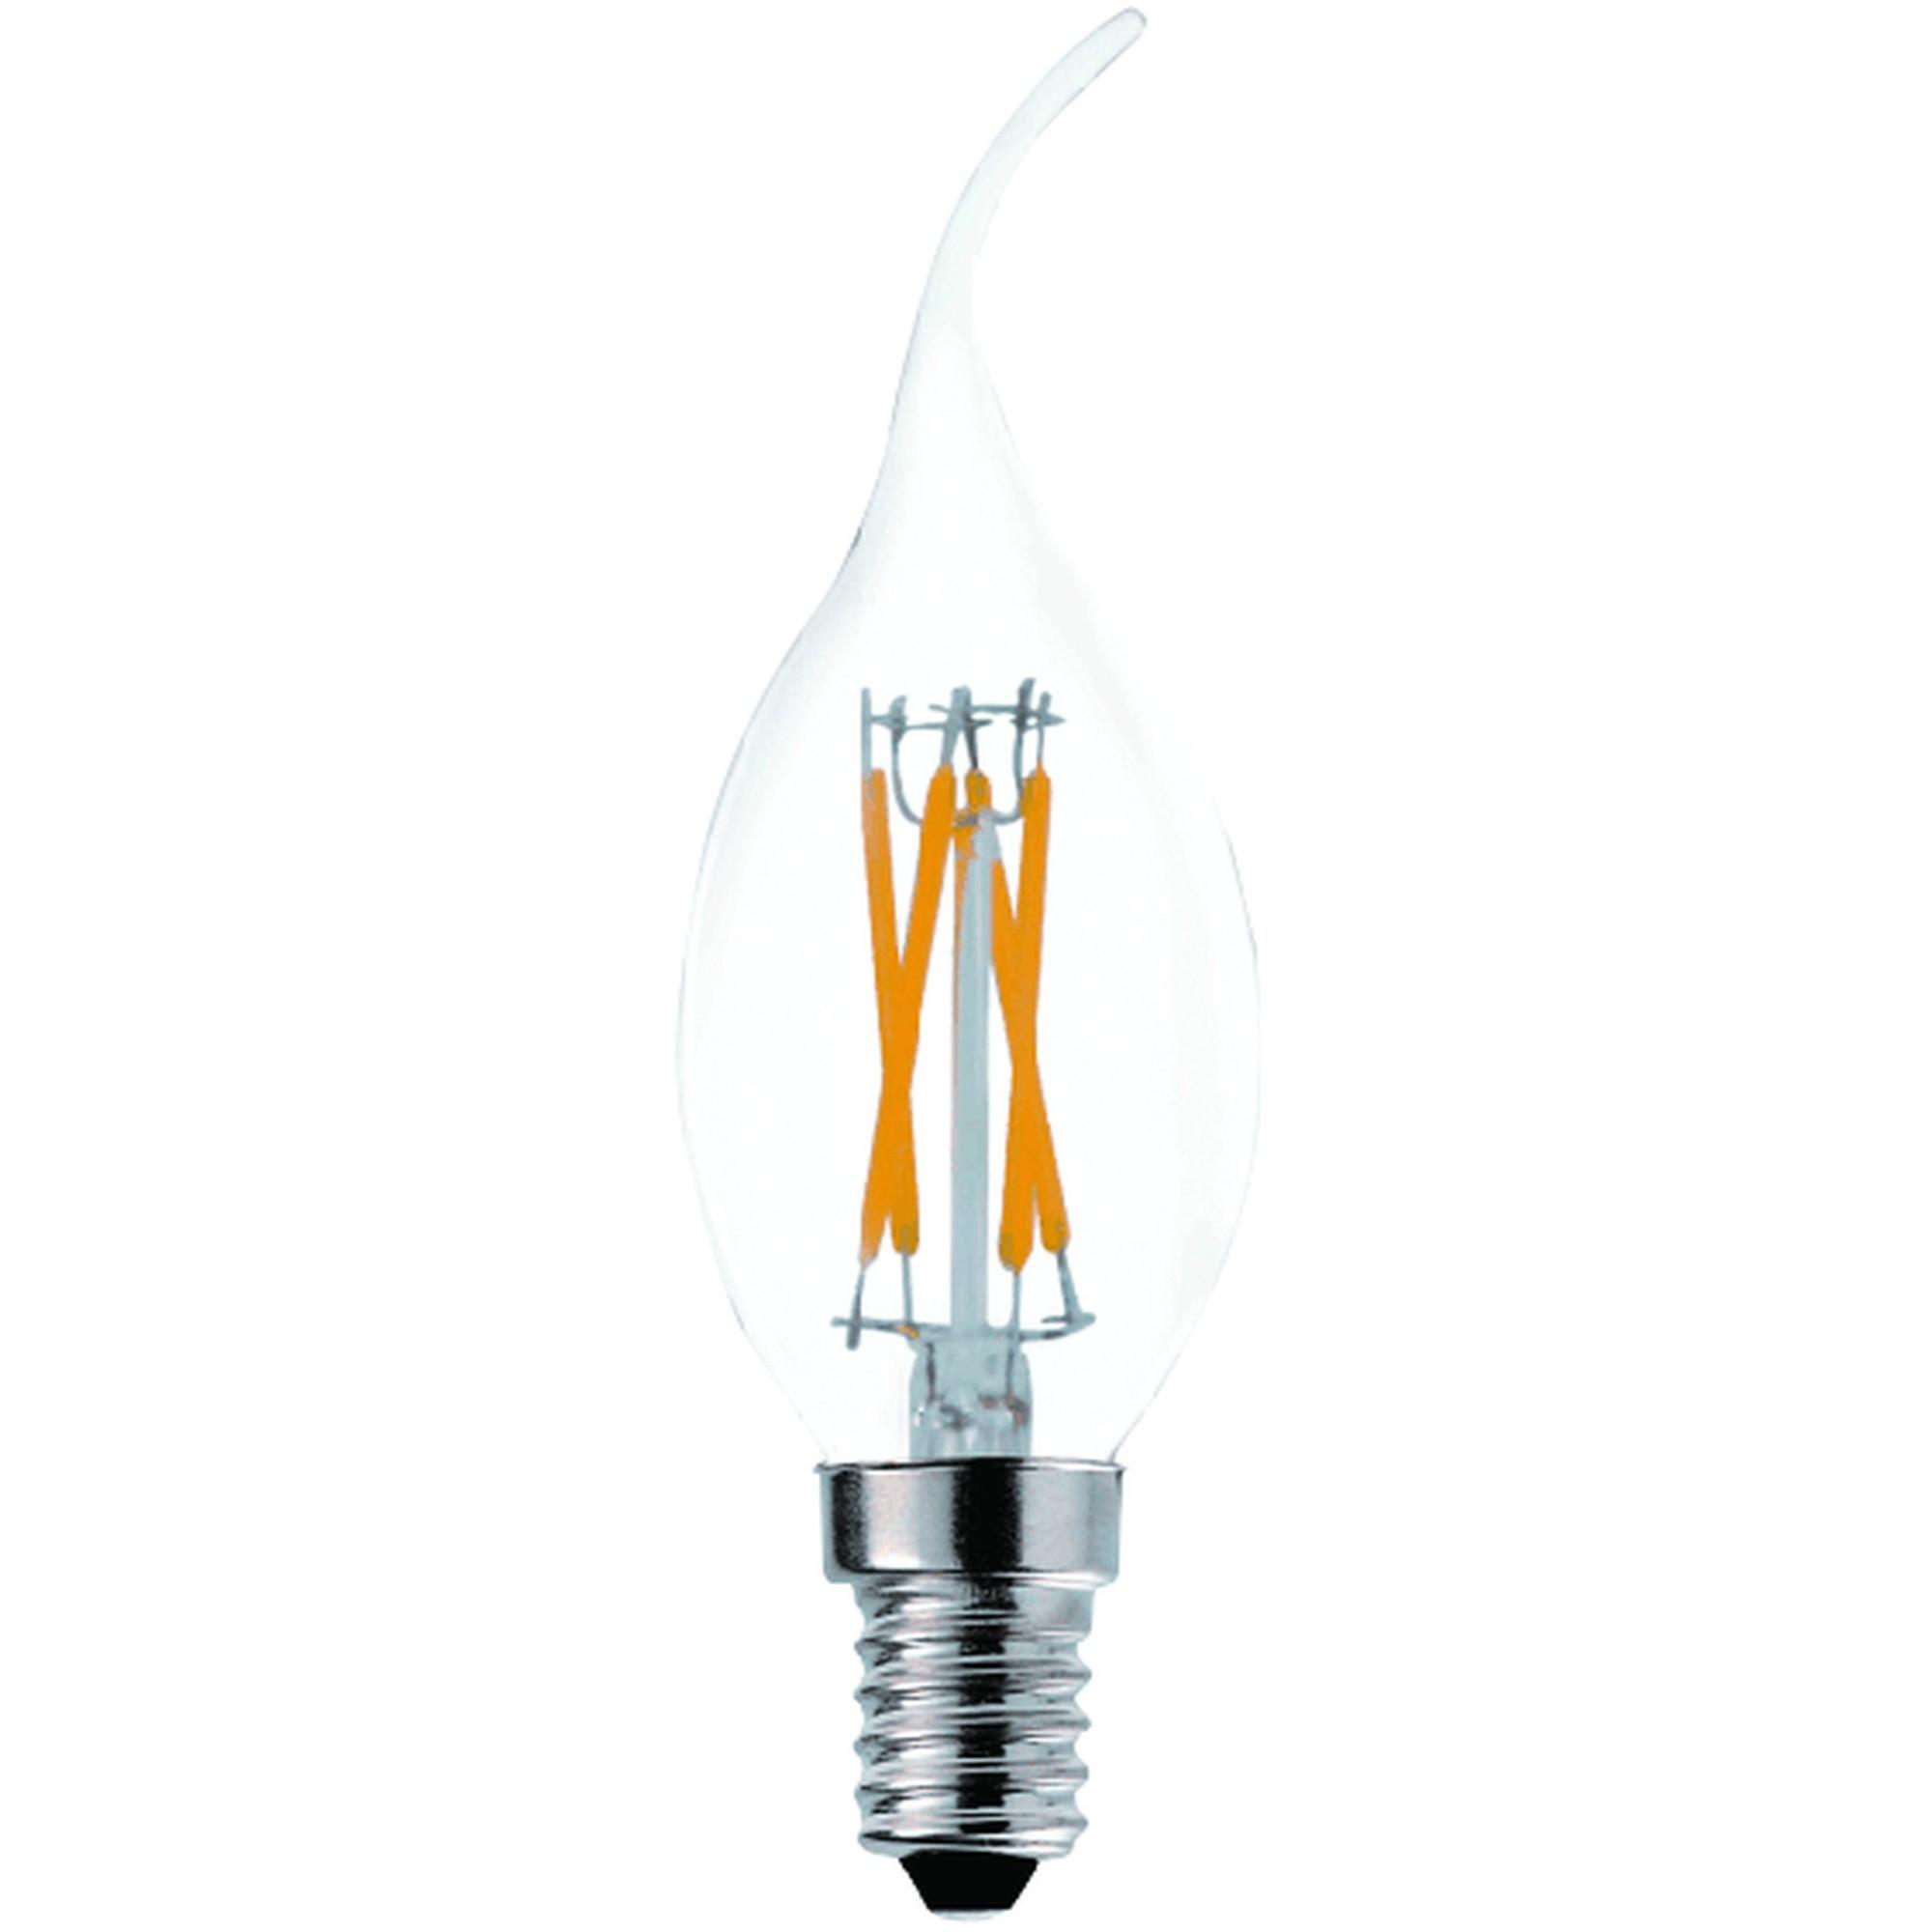 Лампа Ecola Premium светодионая E14 5 Вт свеча на ветру 500 Лм нейтральный свет